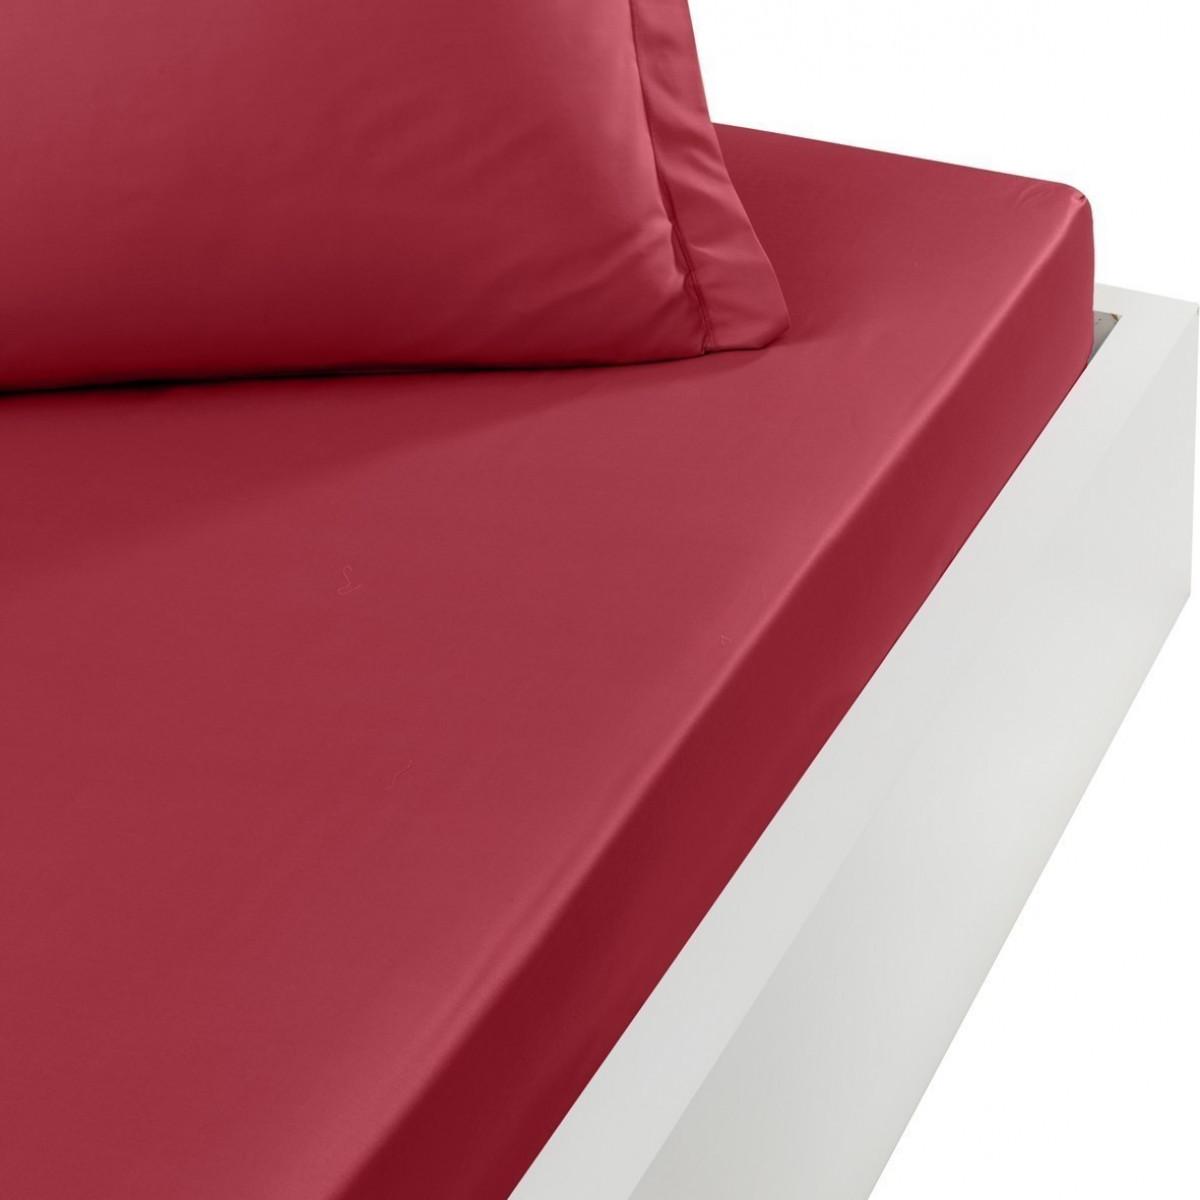 Drap housse en percale de coton bon Cardinal 200x200 cm